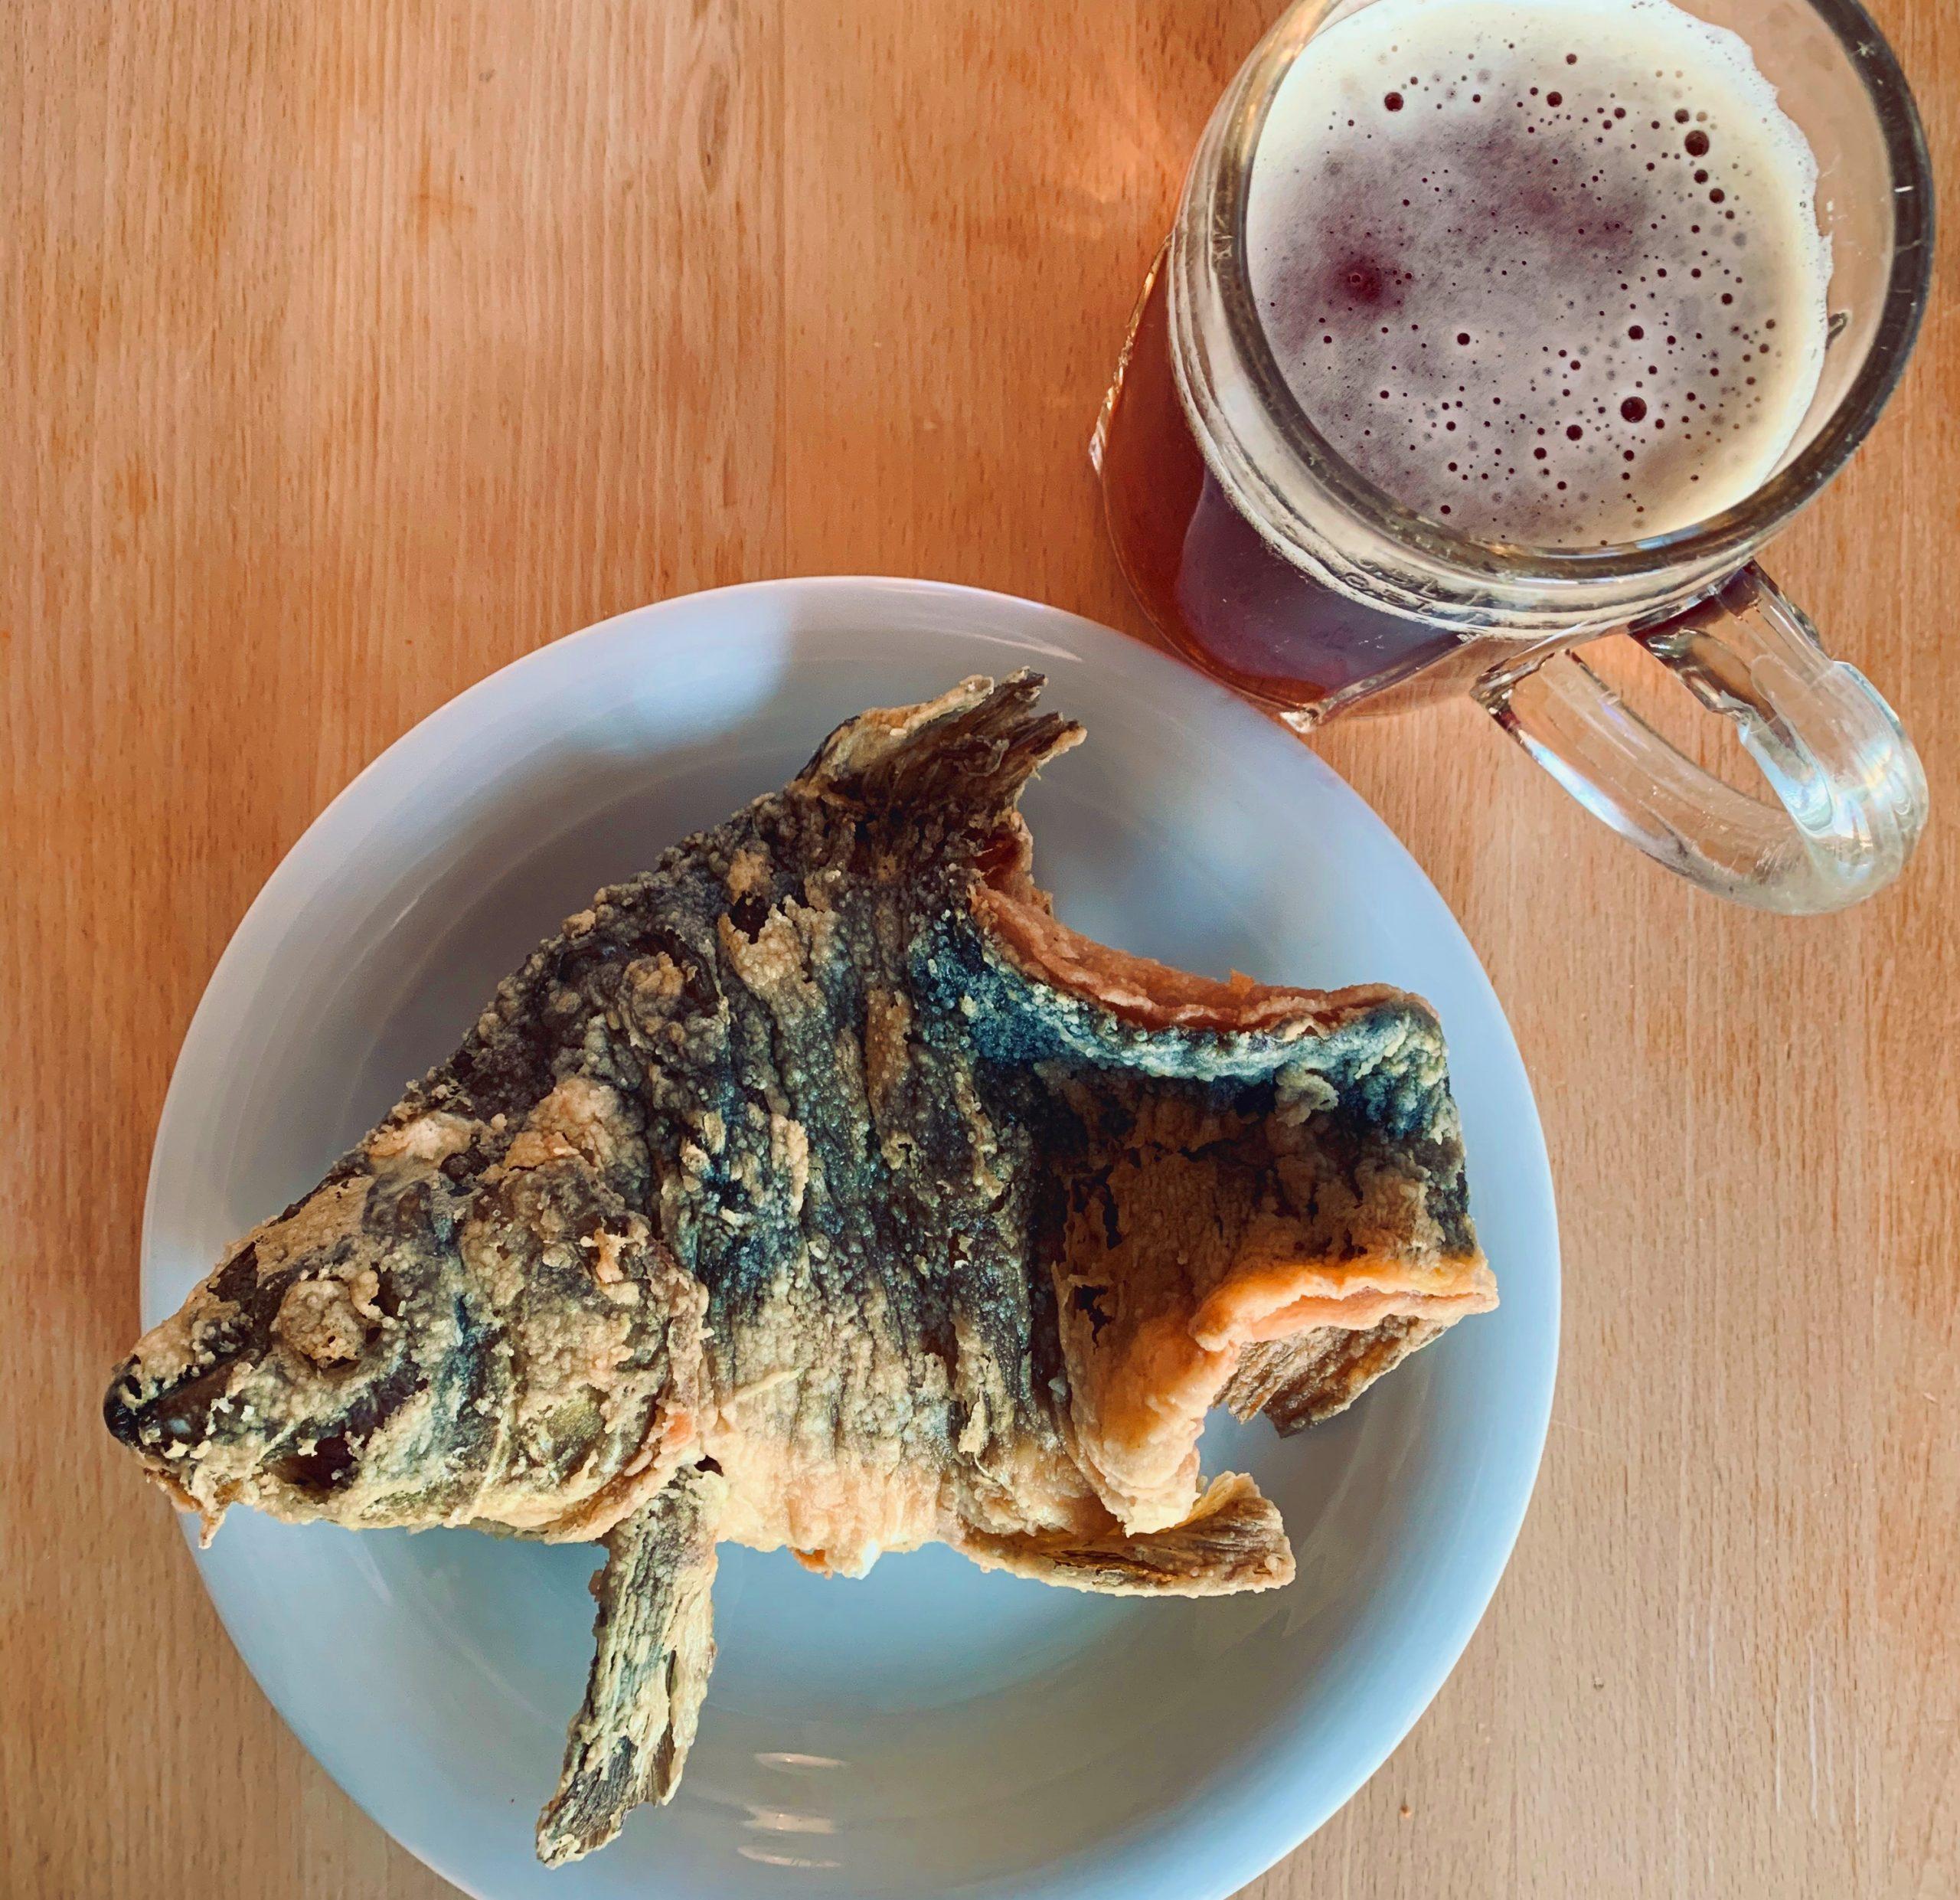 Karpfen und Bier - Tradition, die schmeckt!